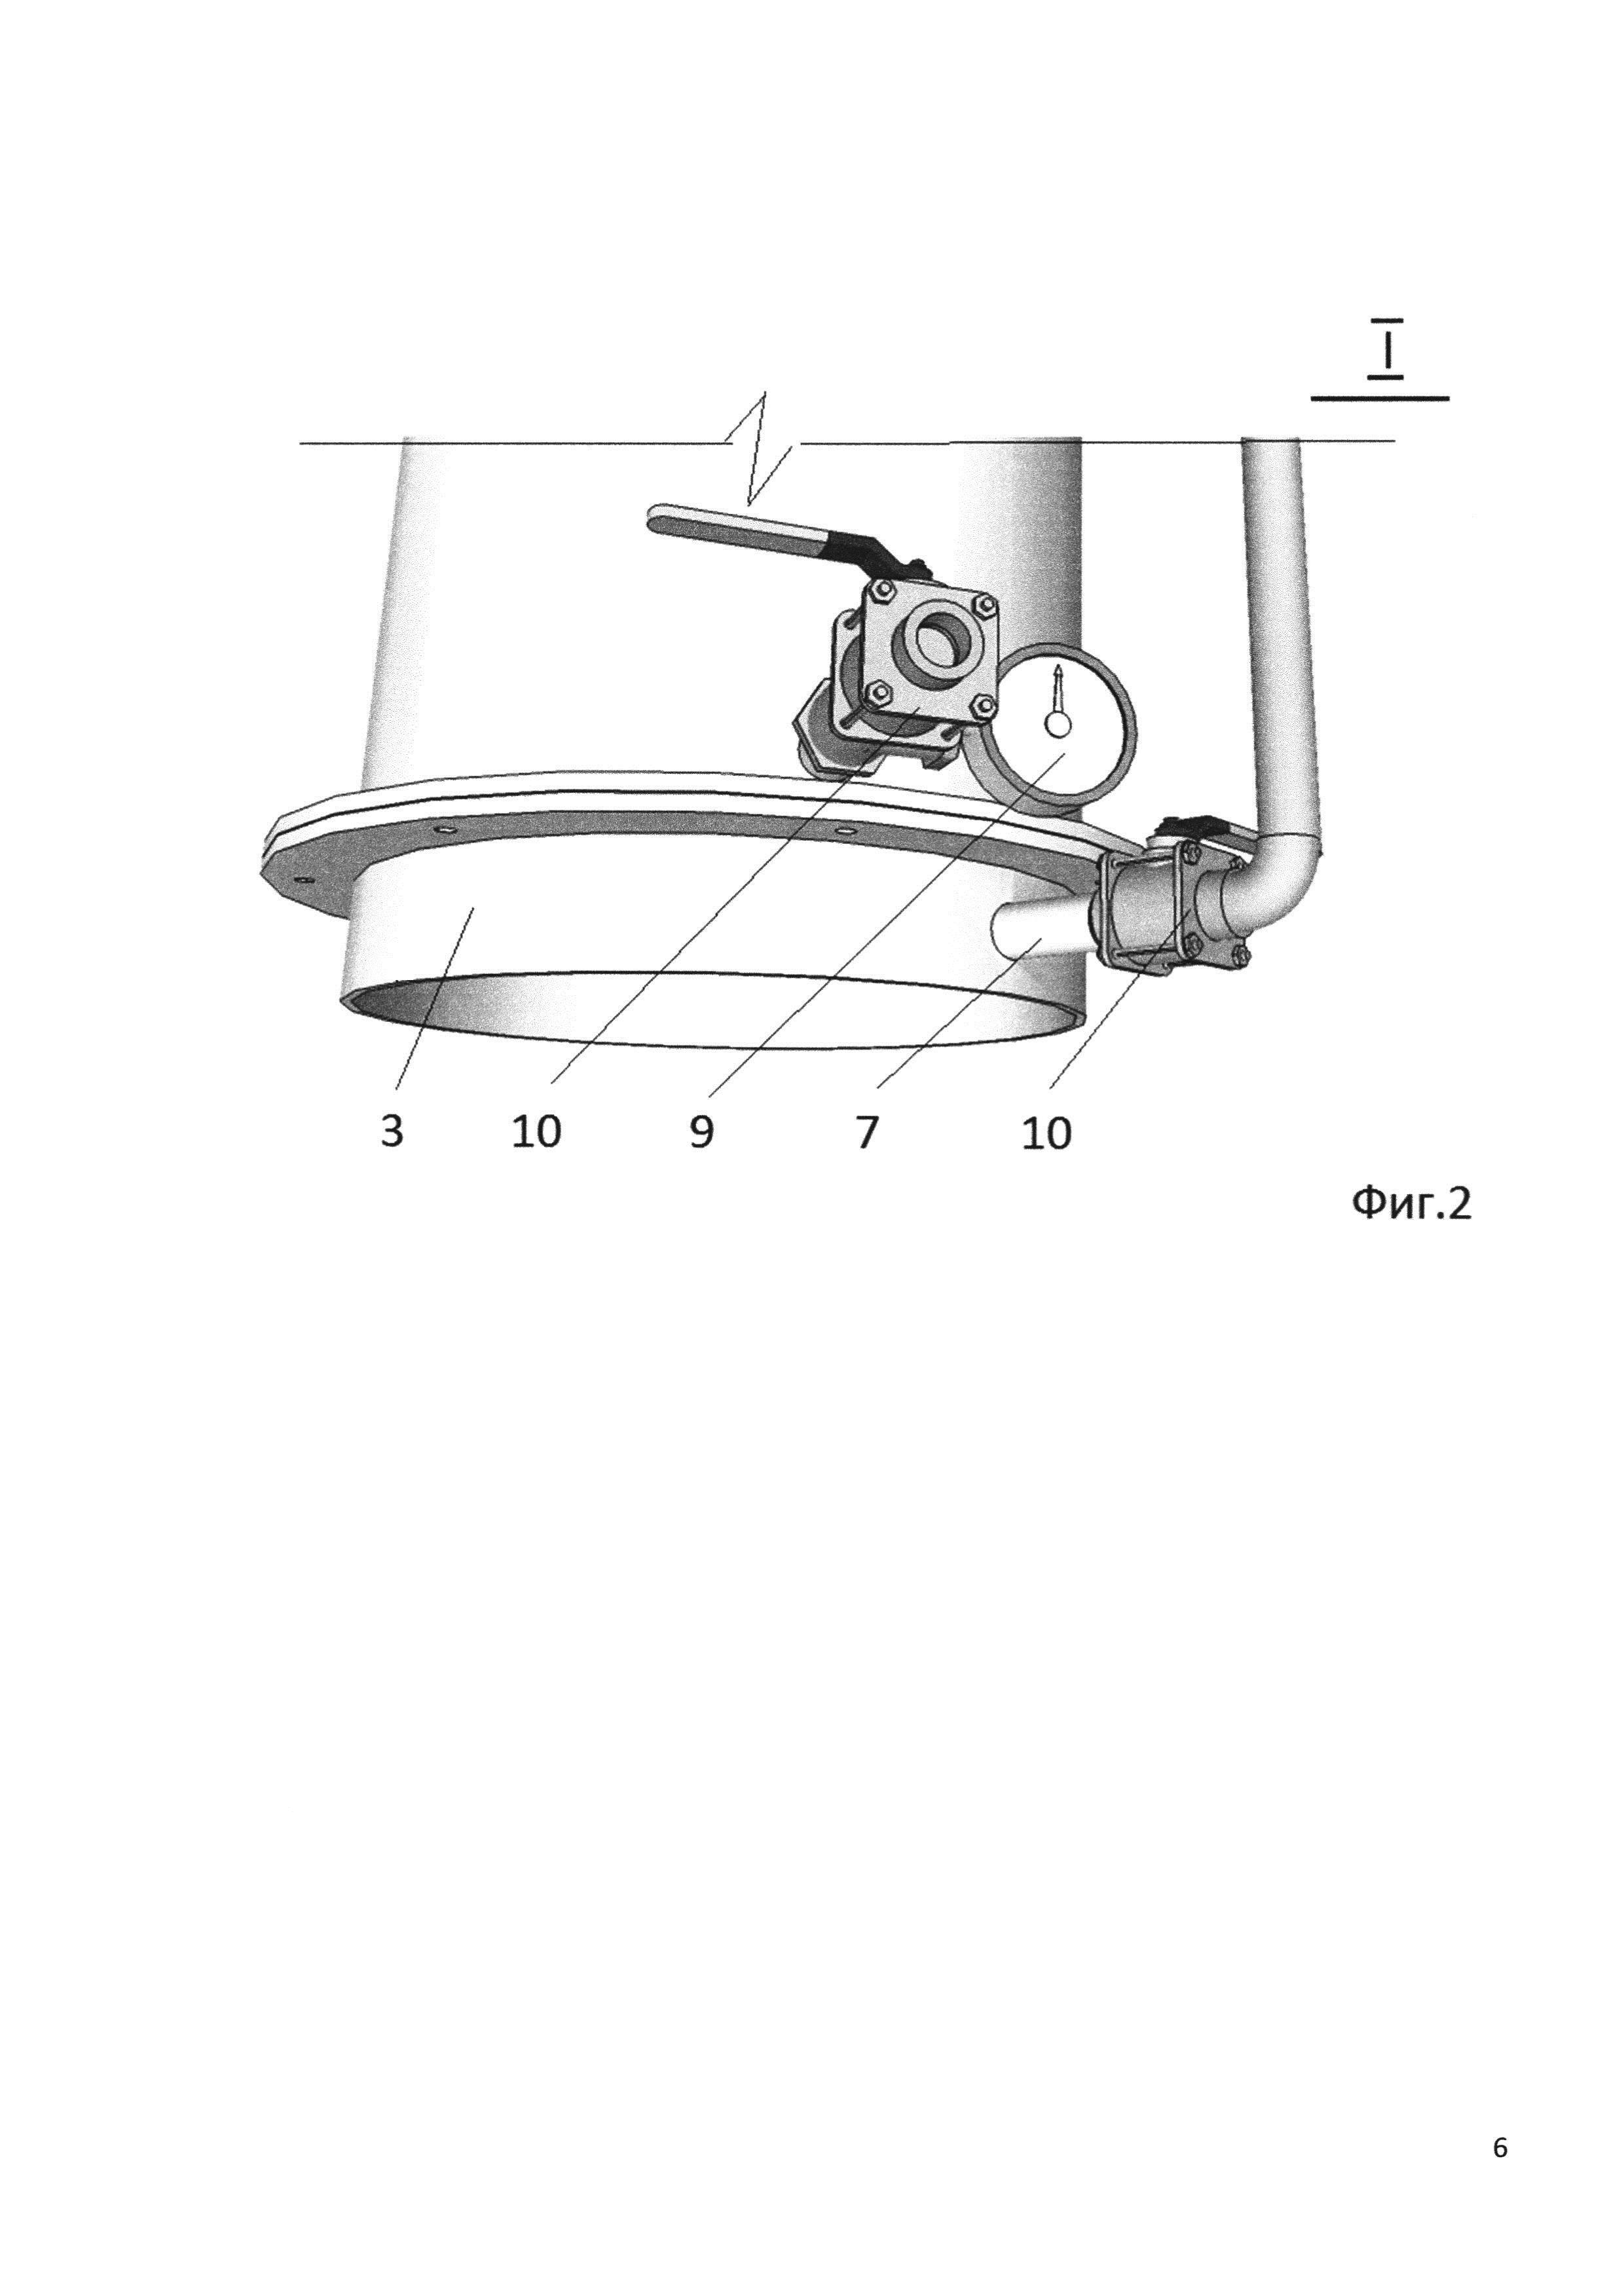 Установка для высокотемпературной сепарации смеси газов и способ ее работы